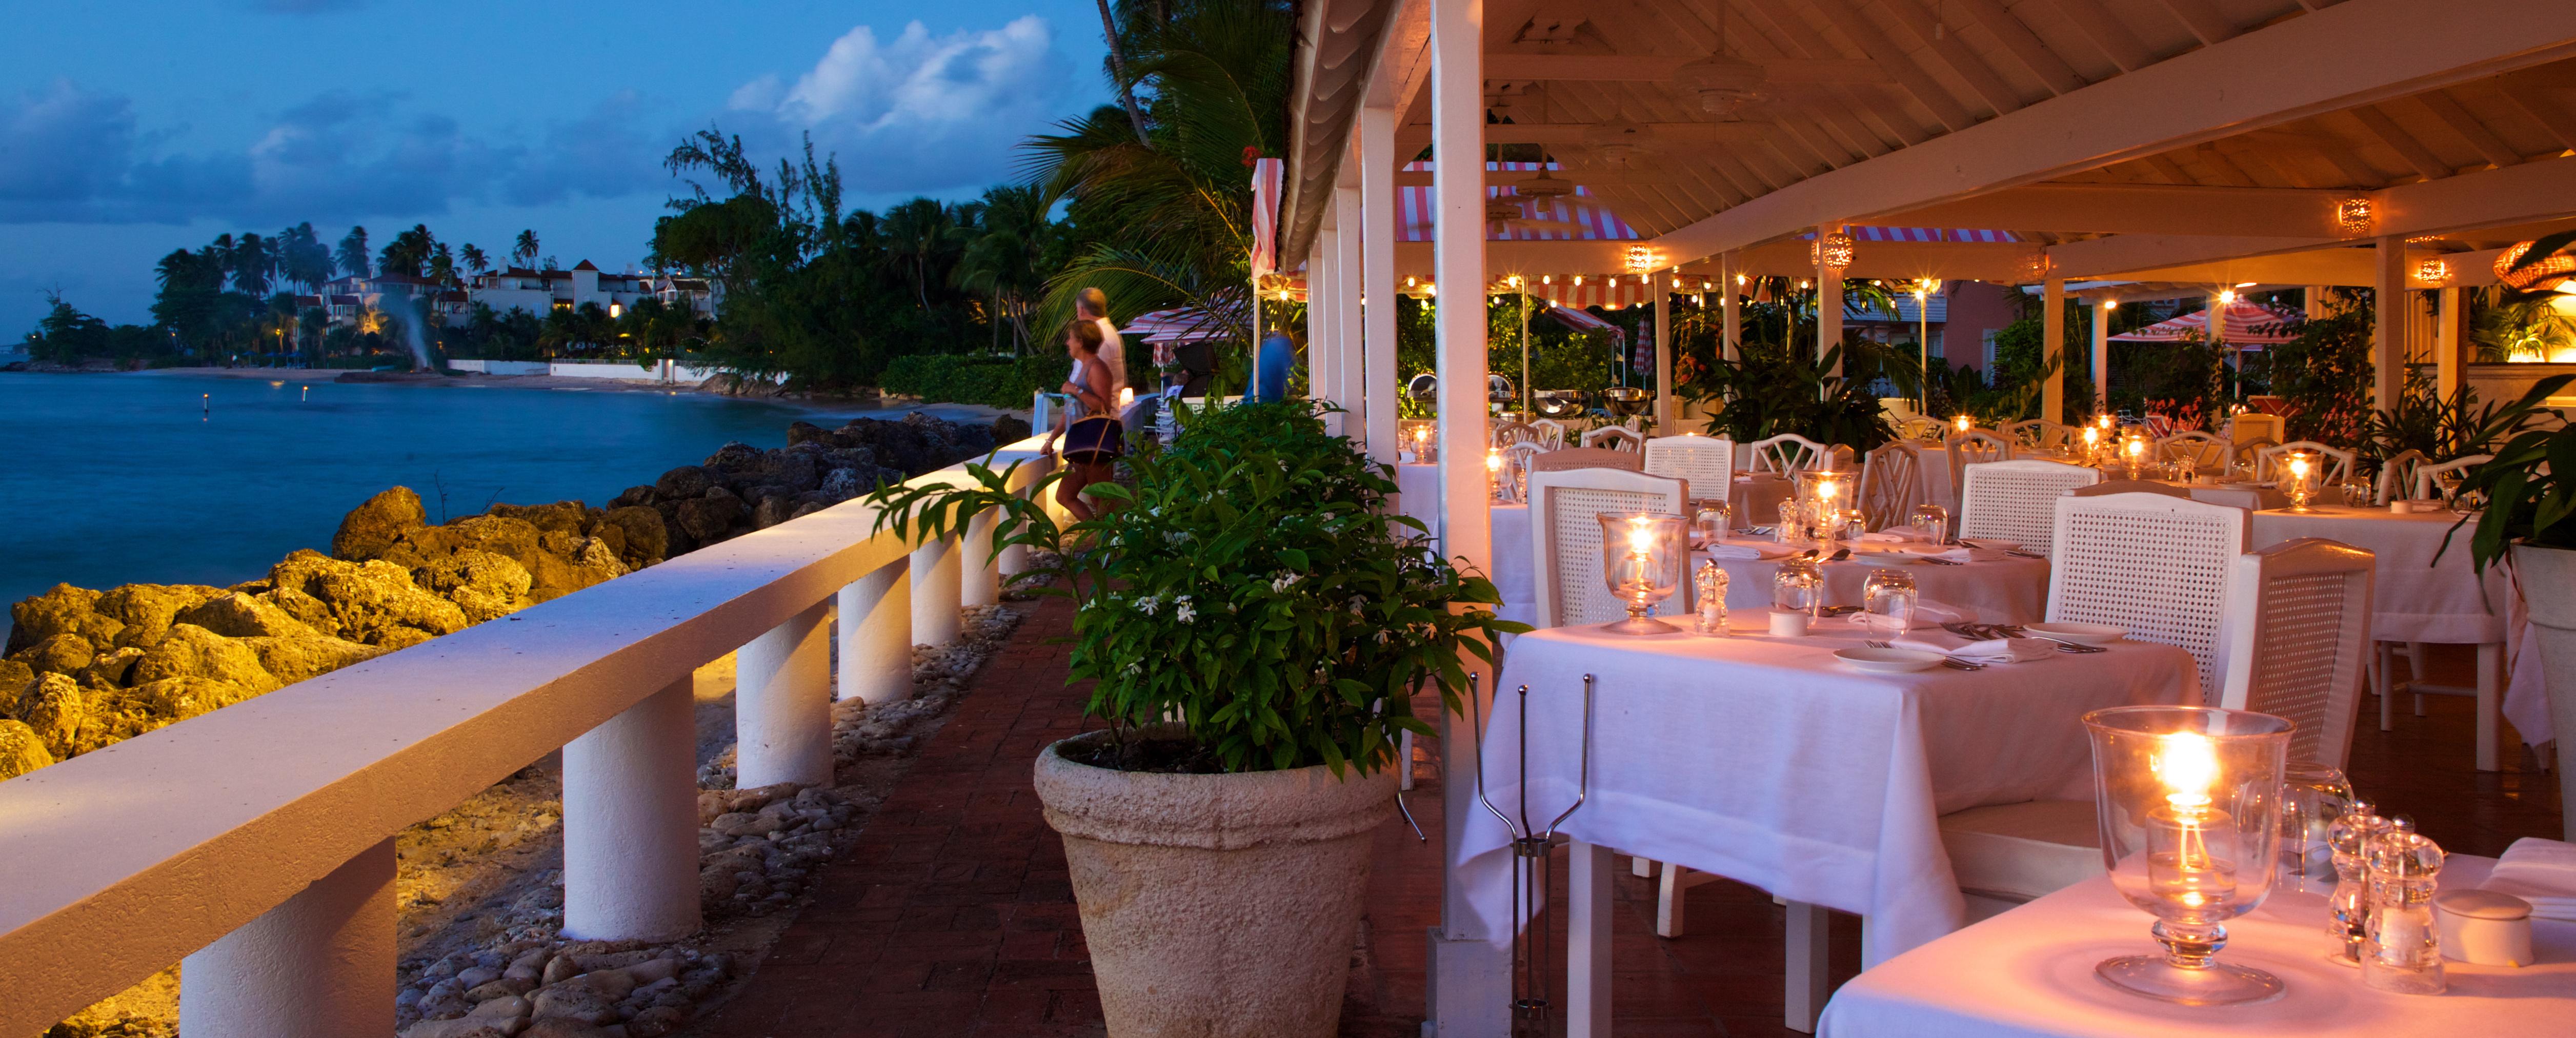 Camelot-Restaurant-Barbados